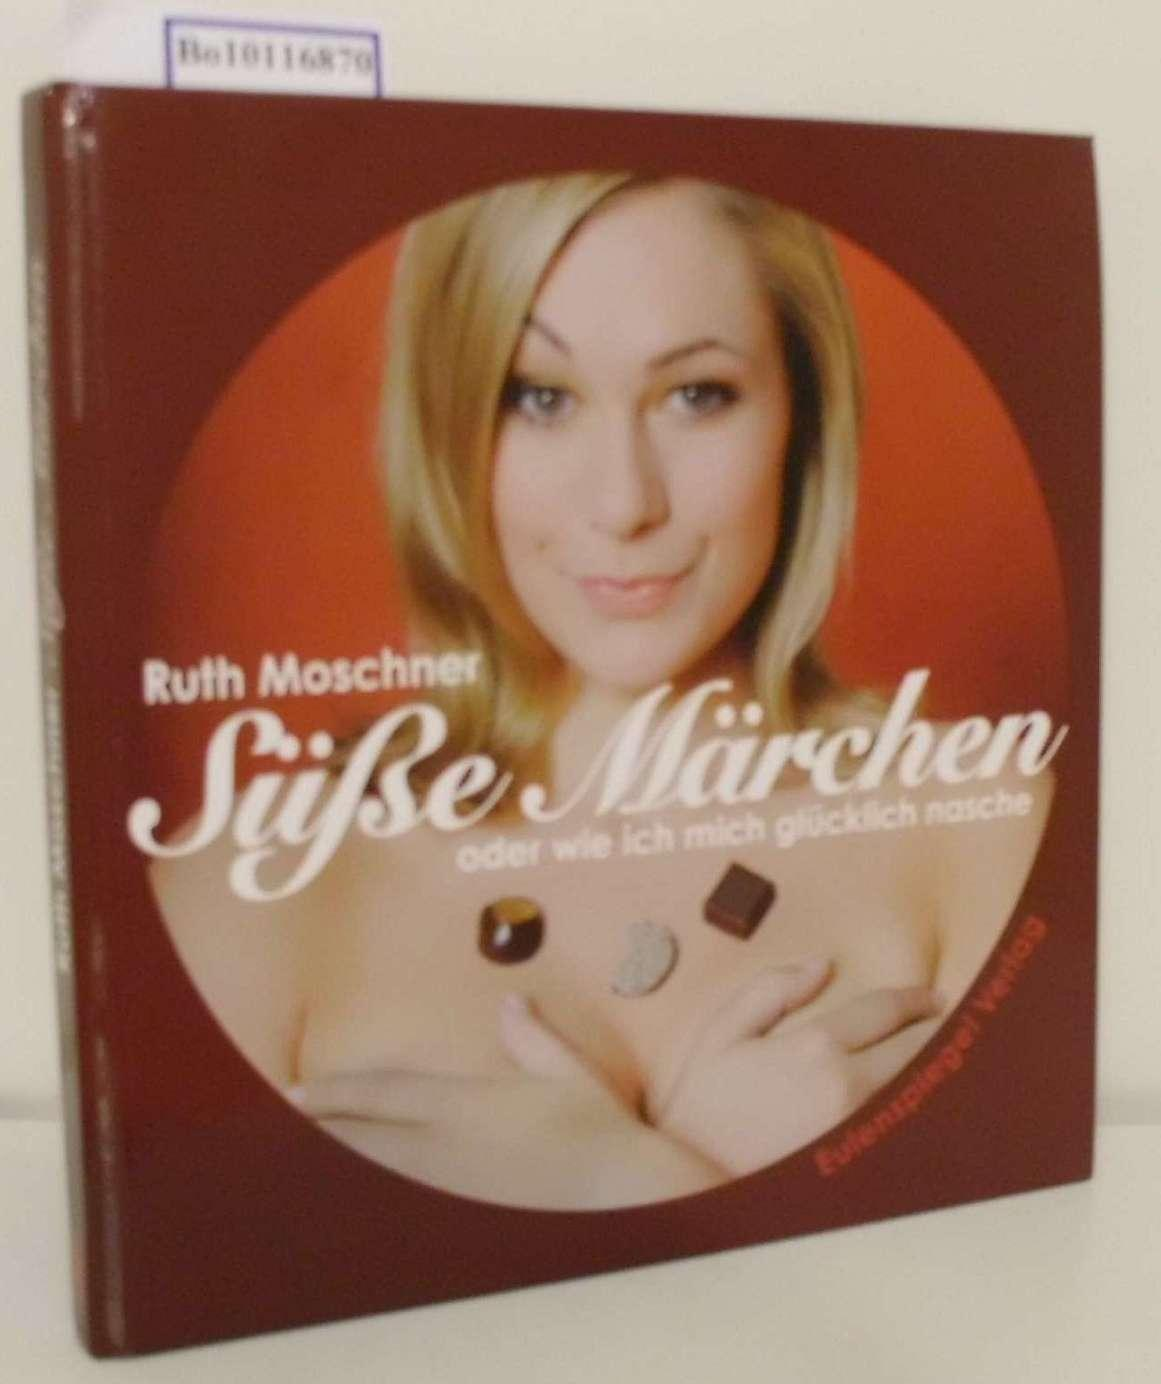 Süße Märchen oder wie ich mich glücklich: Moschner, Ruth: